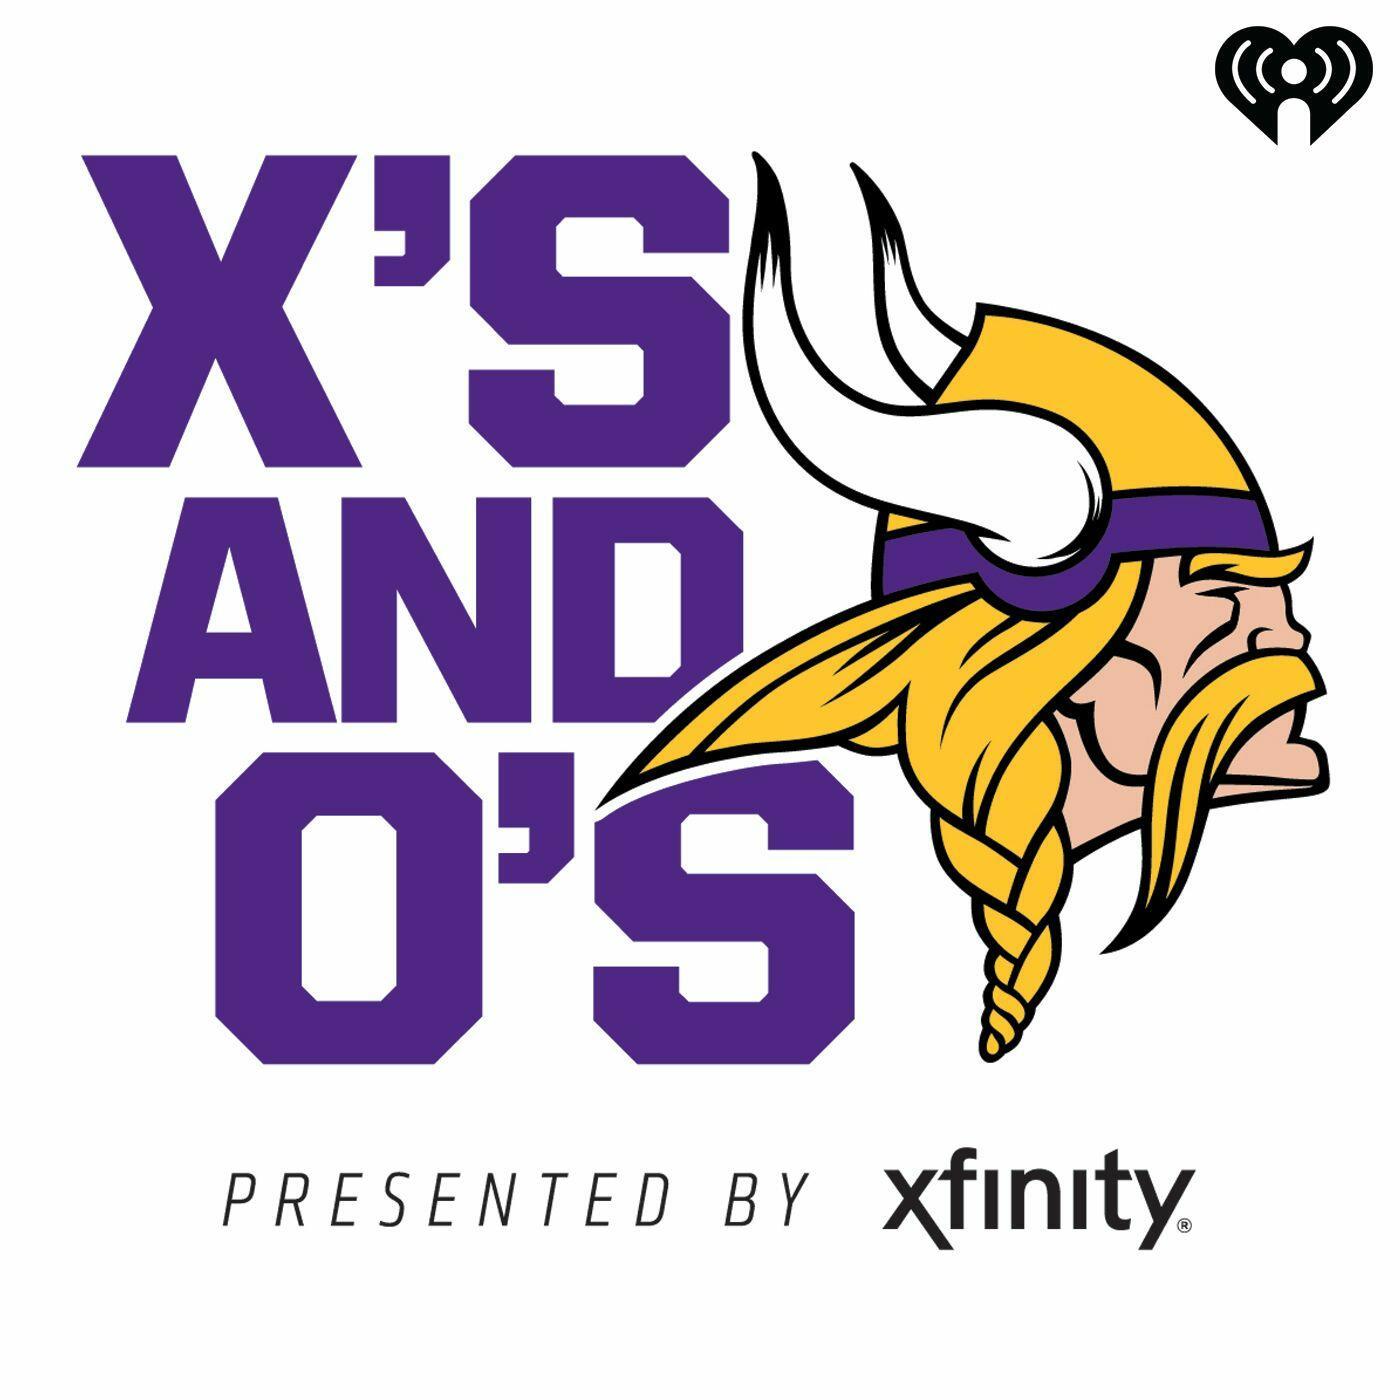 Minnesota Vikings - Xs and Os